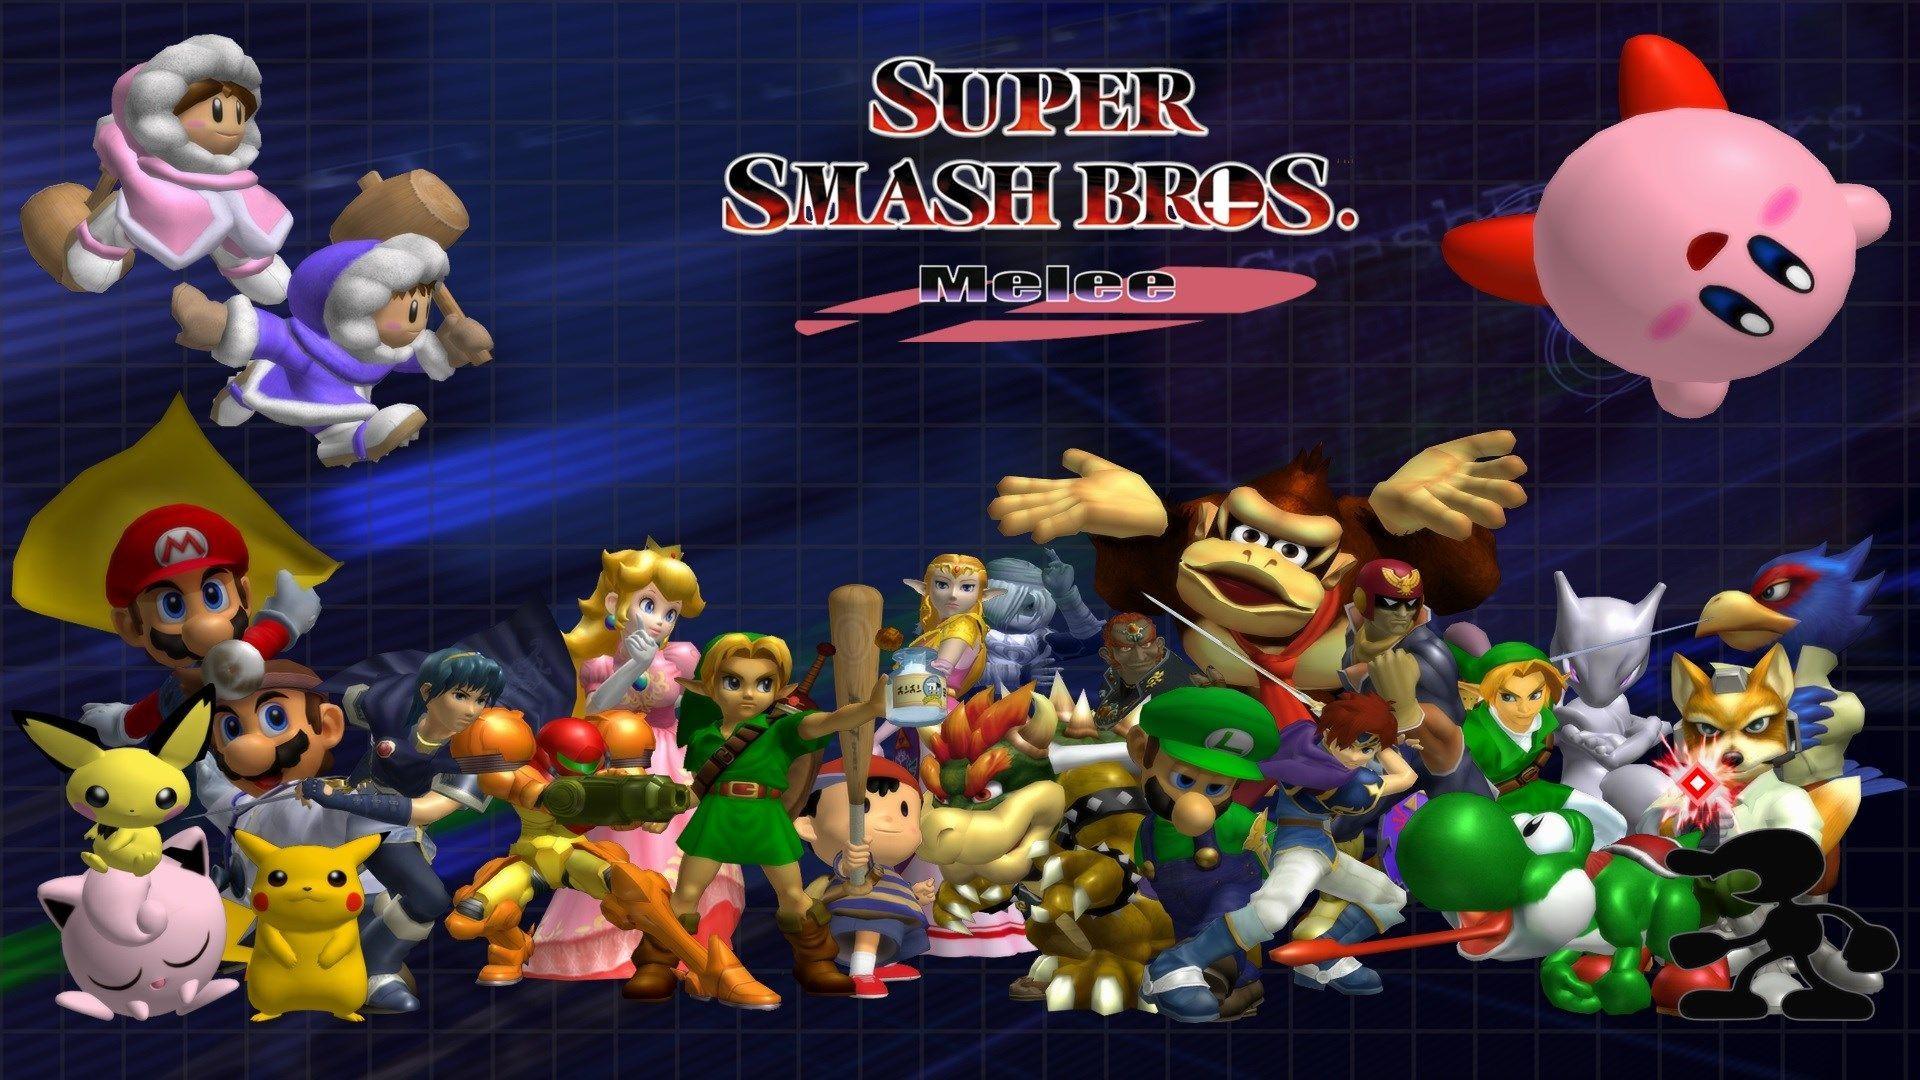 19201080 Free Desktop Backgrounds For Super Smash Bros 4k In 2020 Super Smash Bros Melee Super Smash Bros Smash Bros